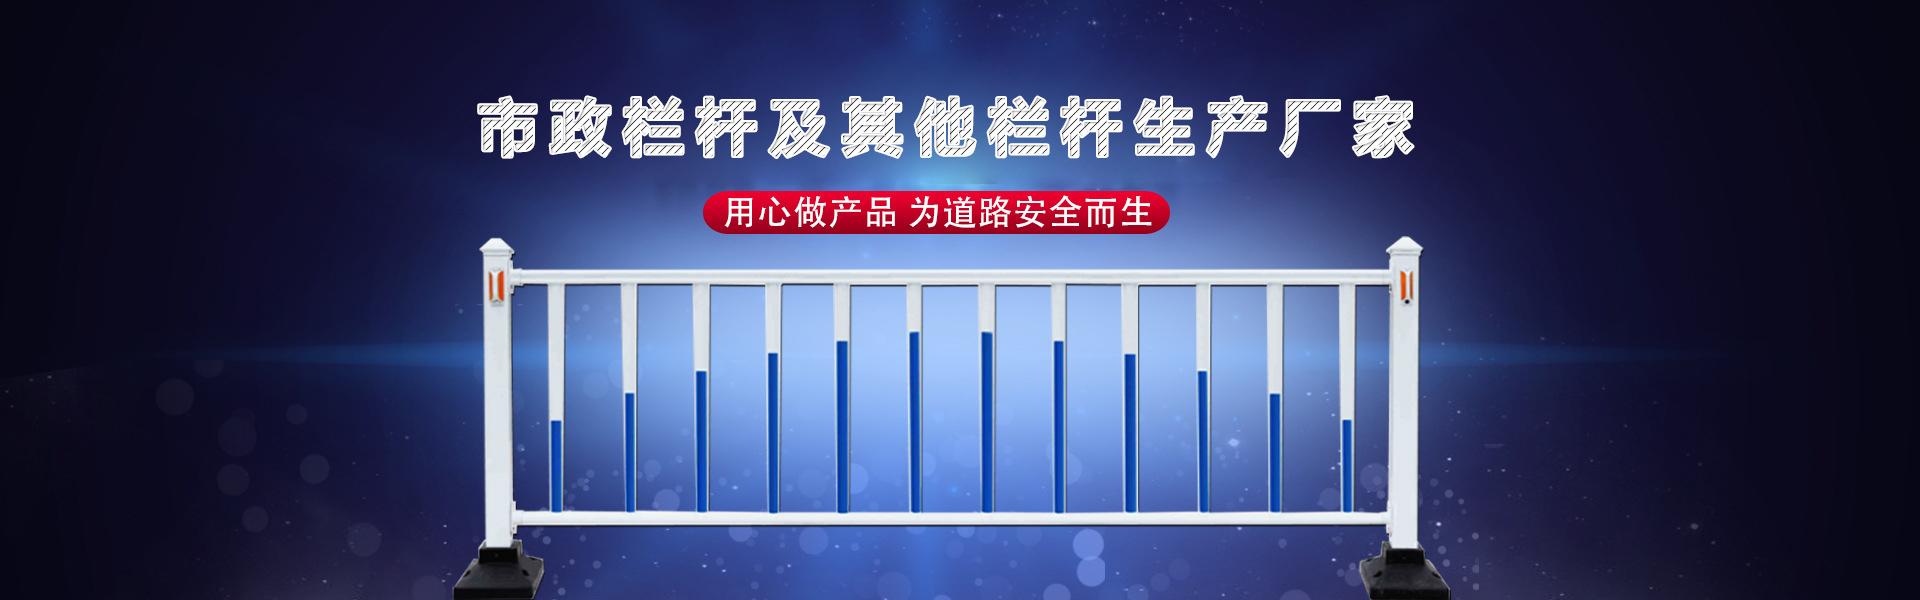 贵州市政栏杆厂家